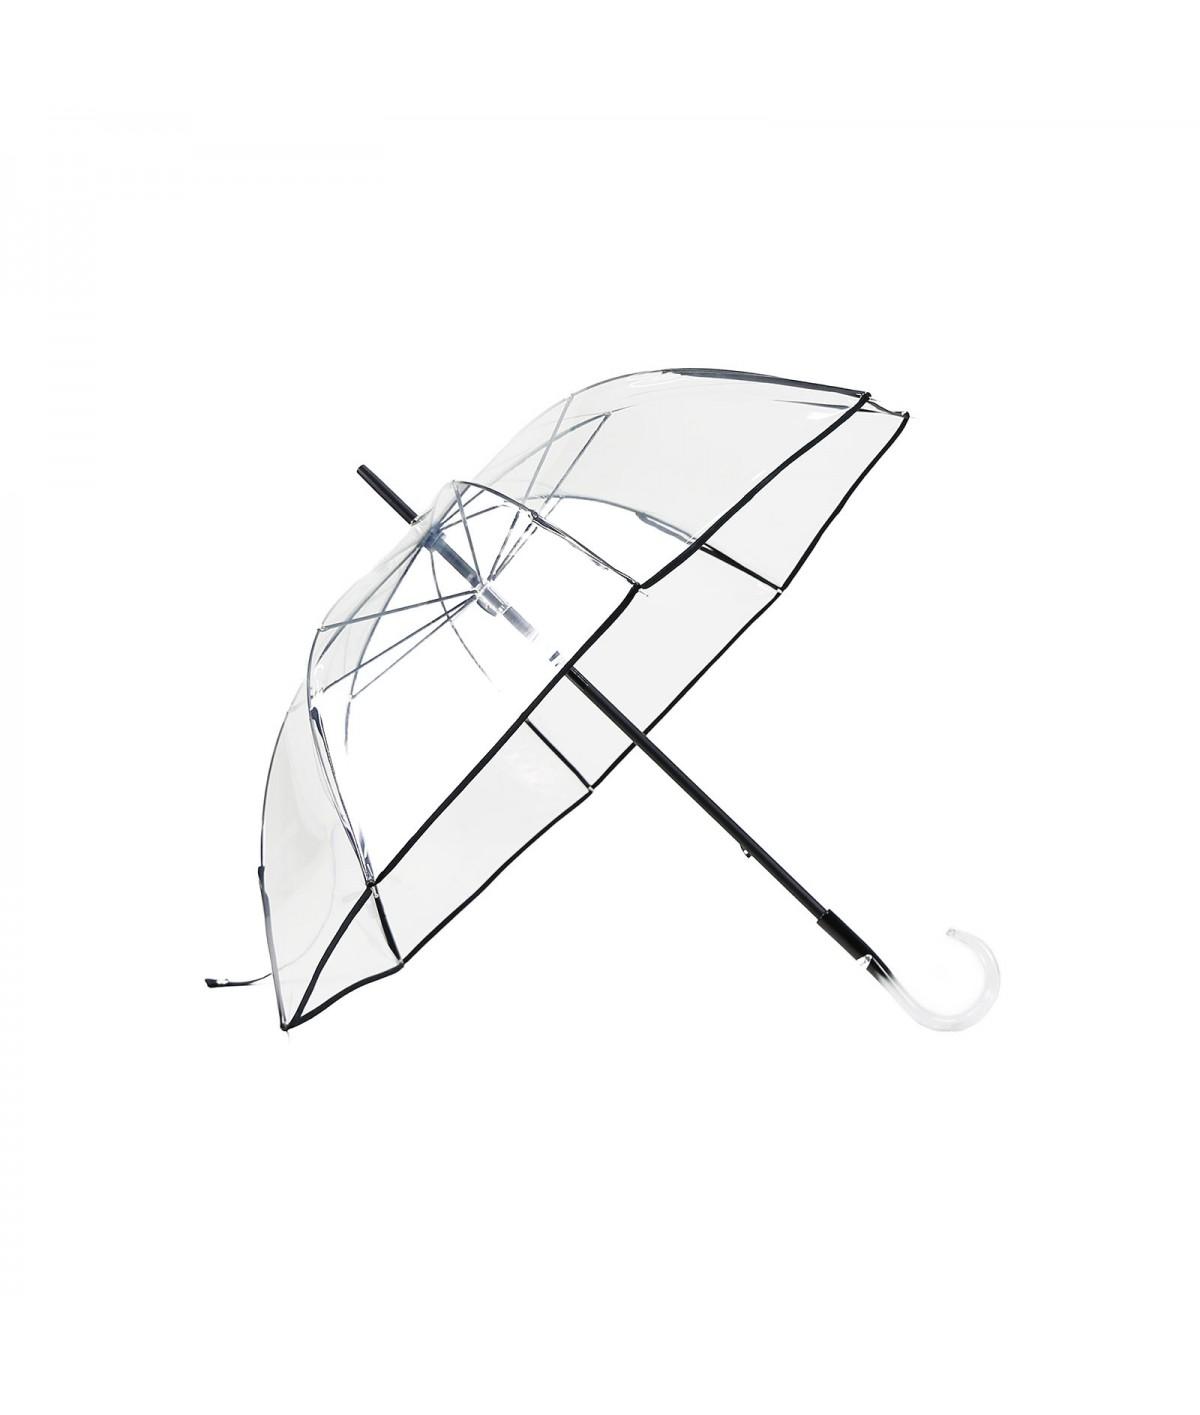 """→ Parapluie """"Transparent Classique"""" - Noir - Maison Pierre Vaux Fabricant Français"""